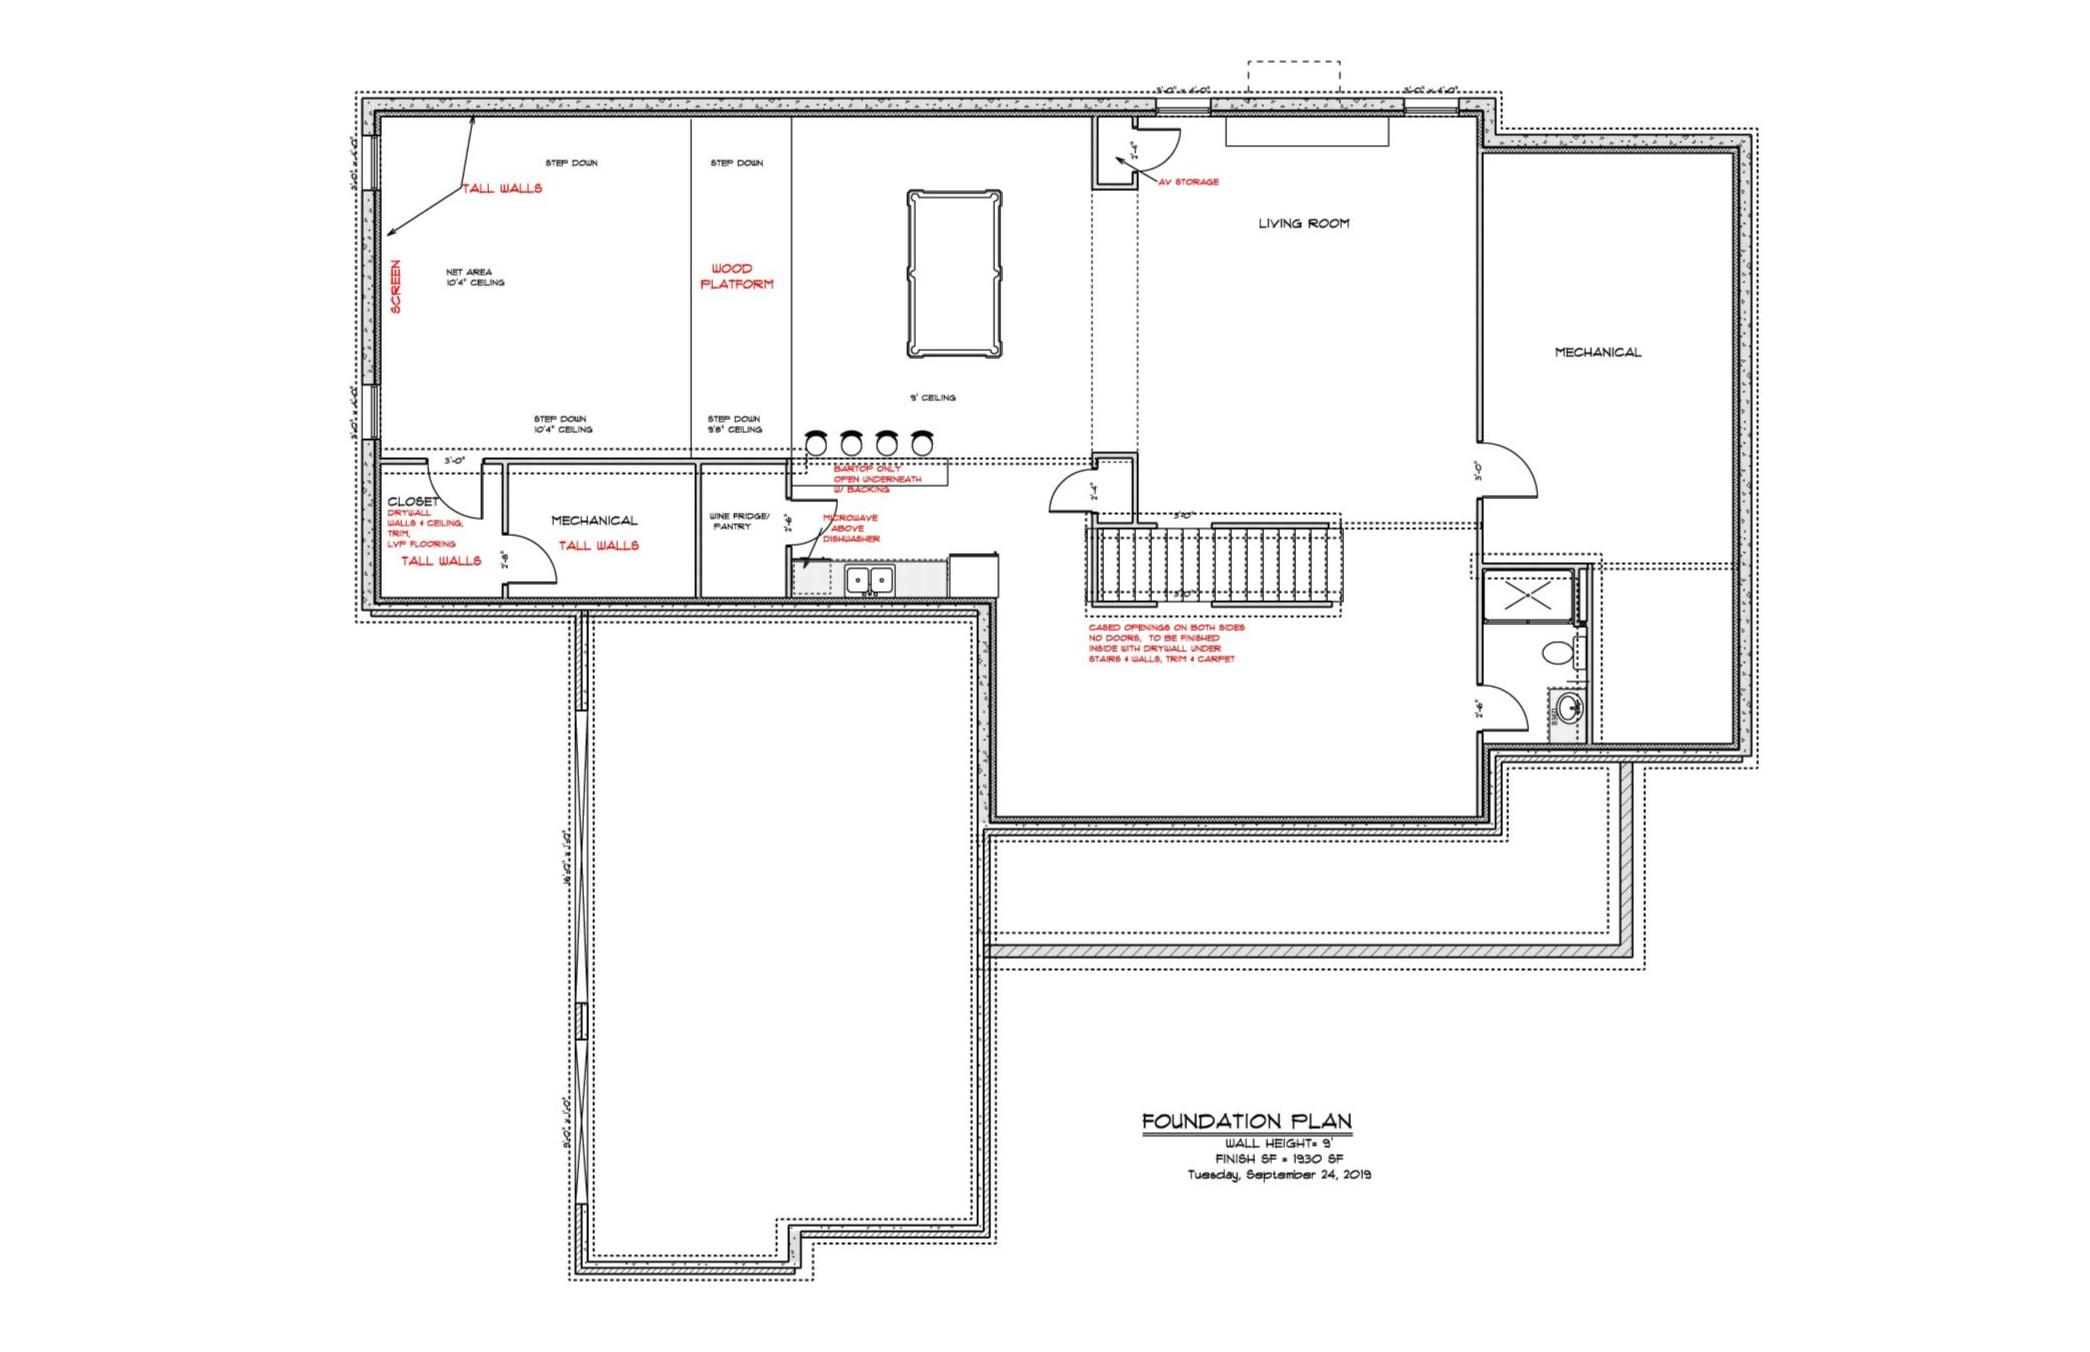 Floor+Plans-+North+Pointe+Shores_Page_1_sm.jpg